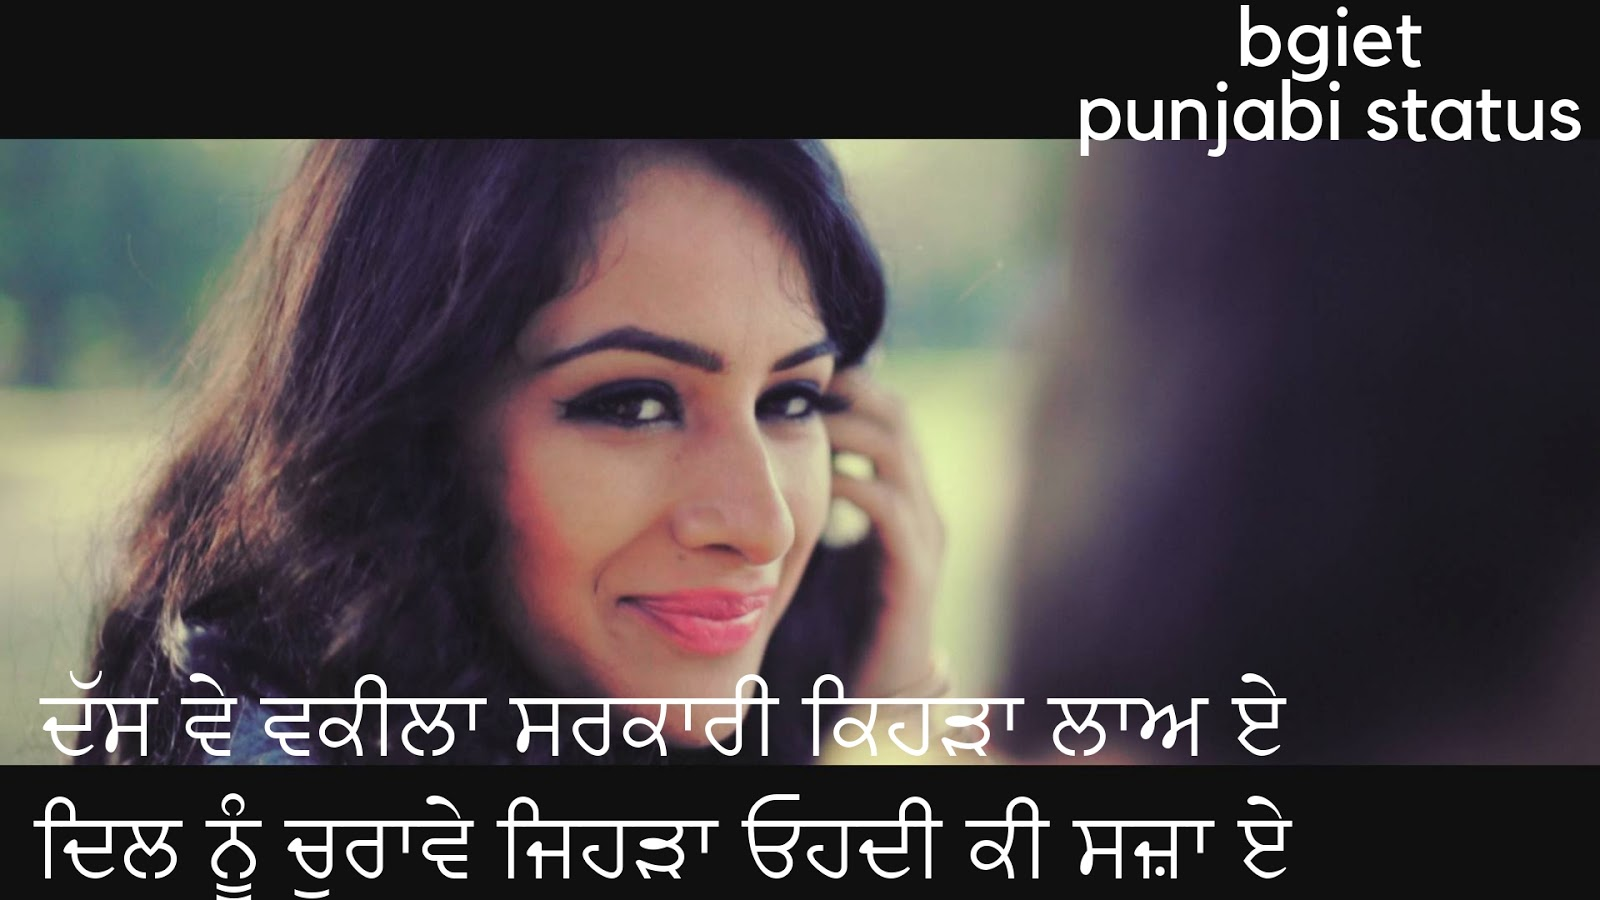 Status on eyes and smile in punjabi